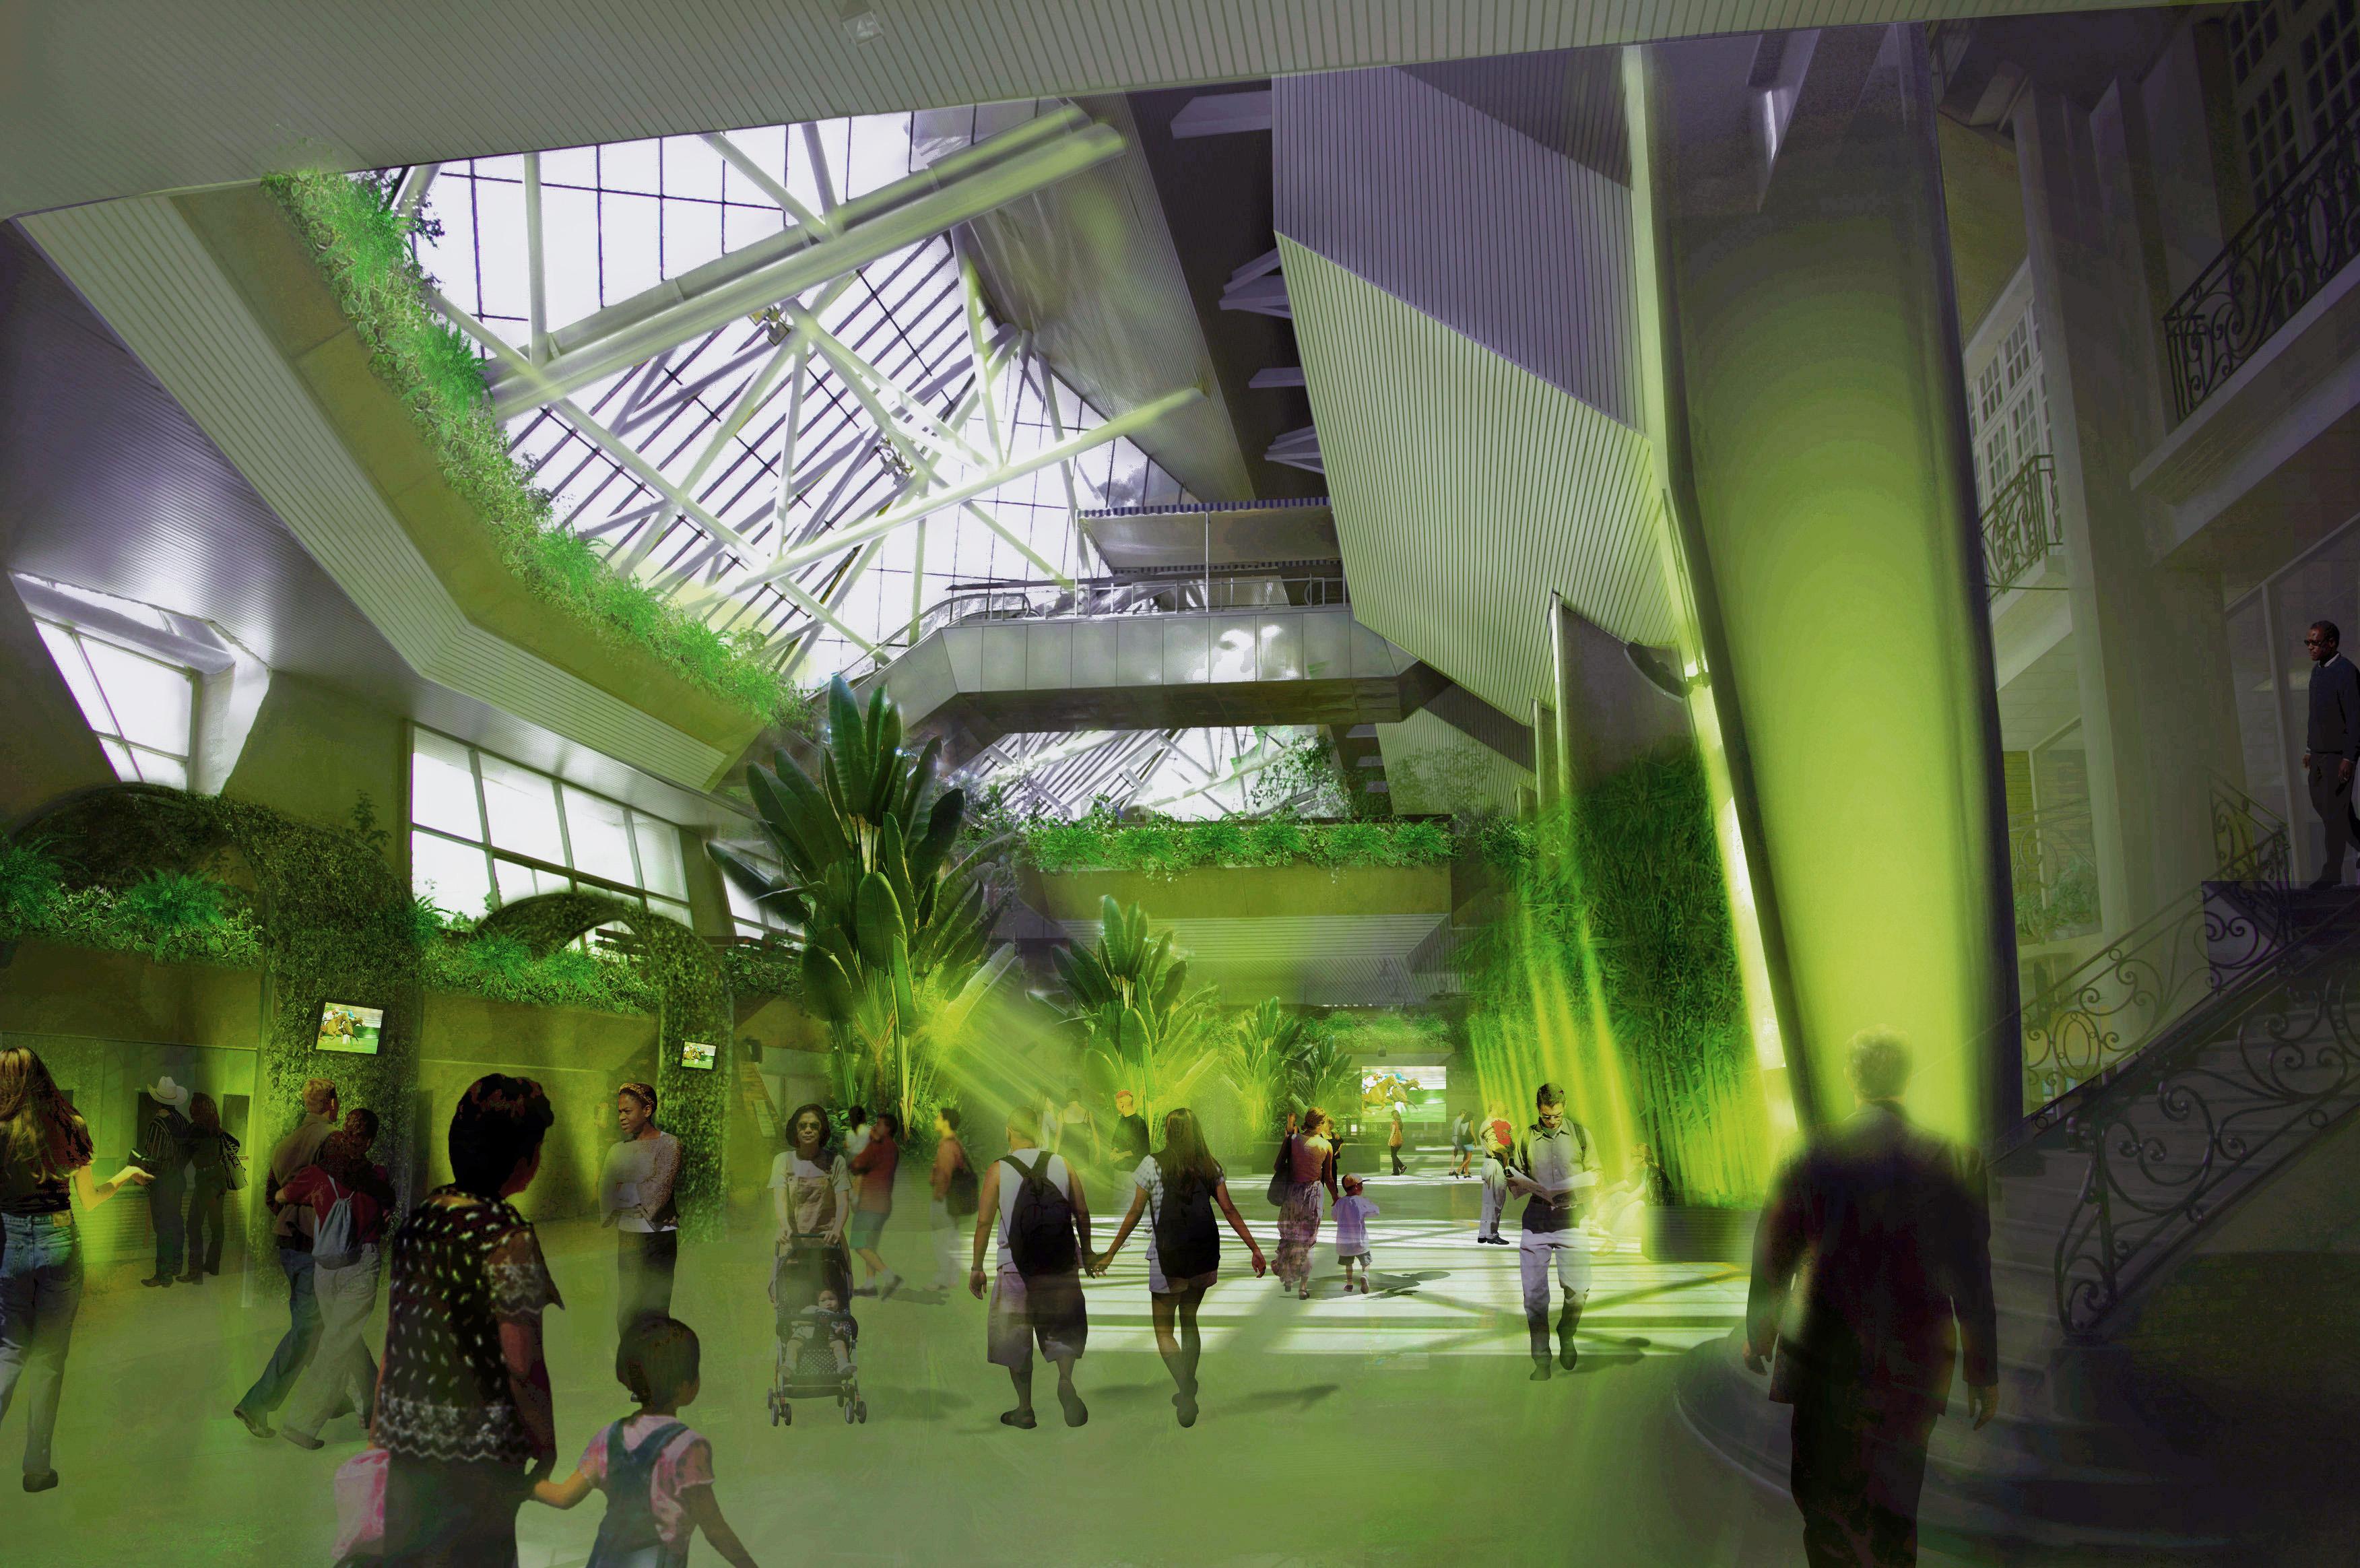 Hippodrome de vincennes jonas architecte - Salon de the vincennes ...